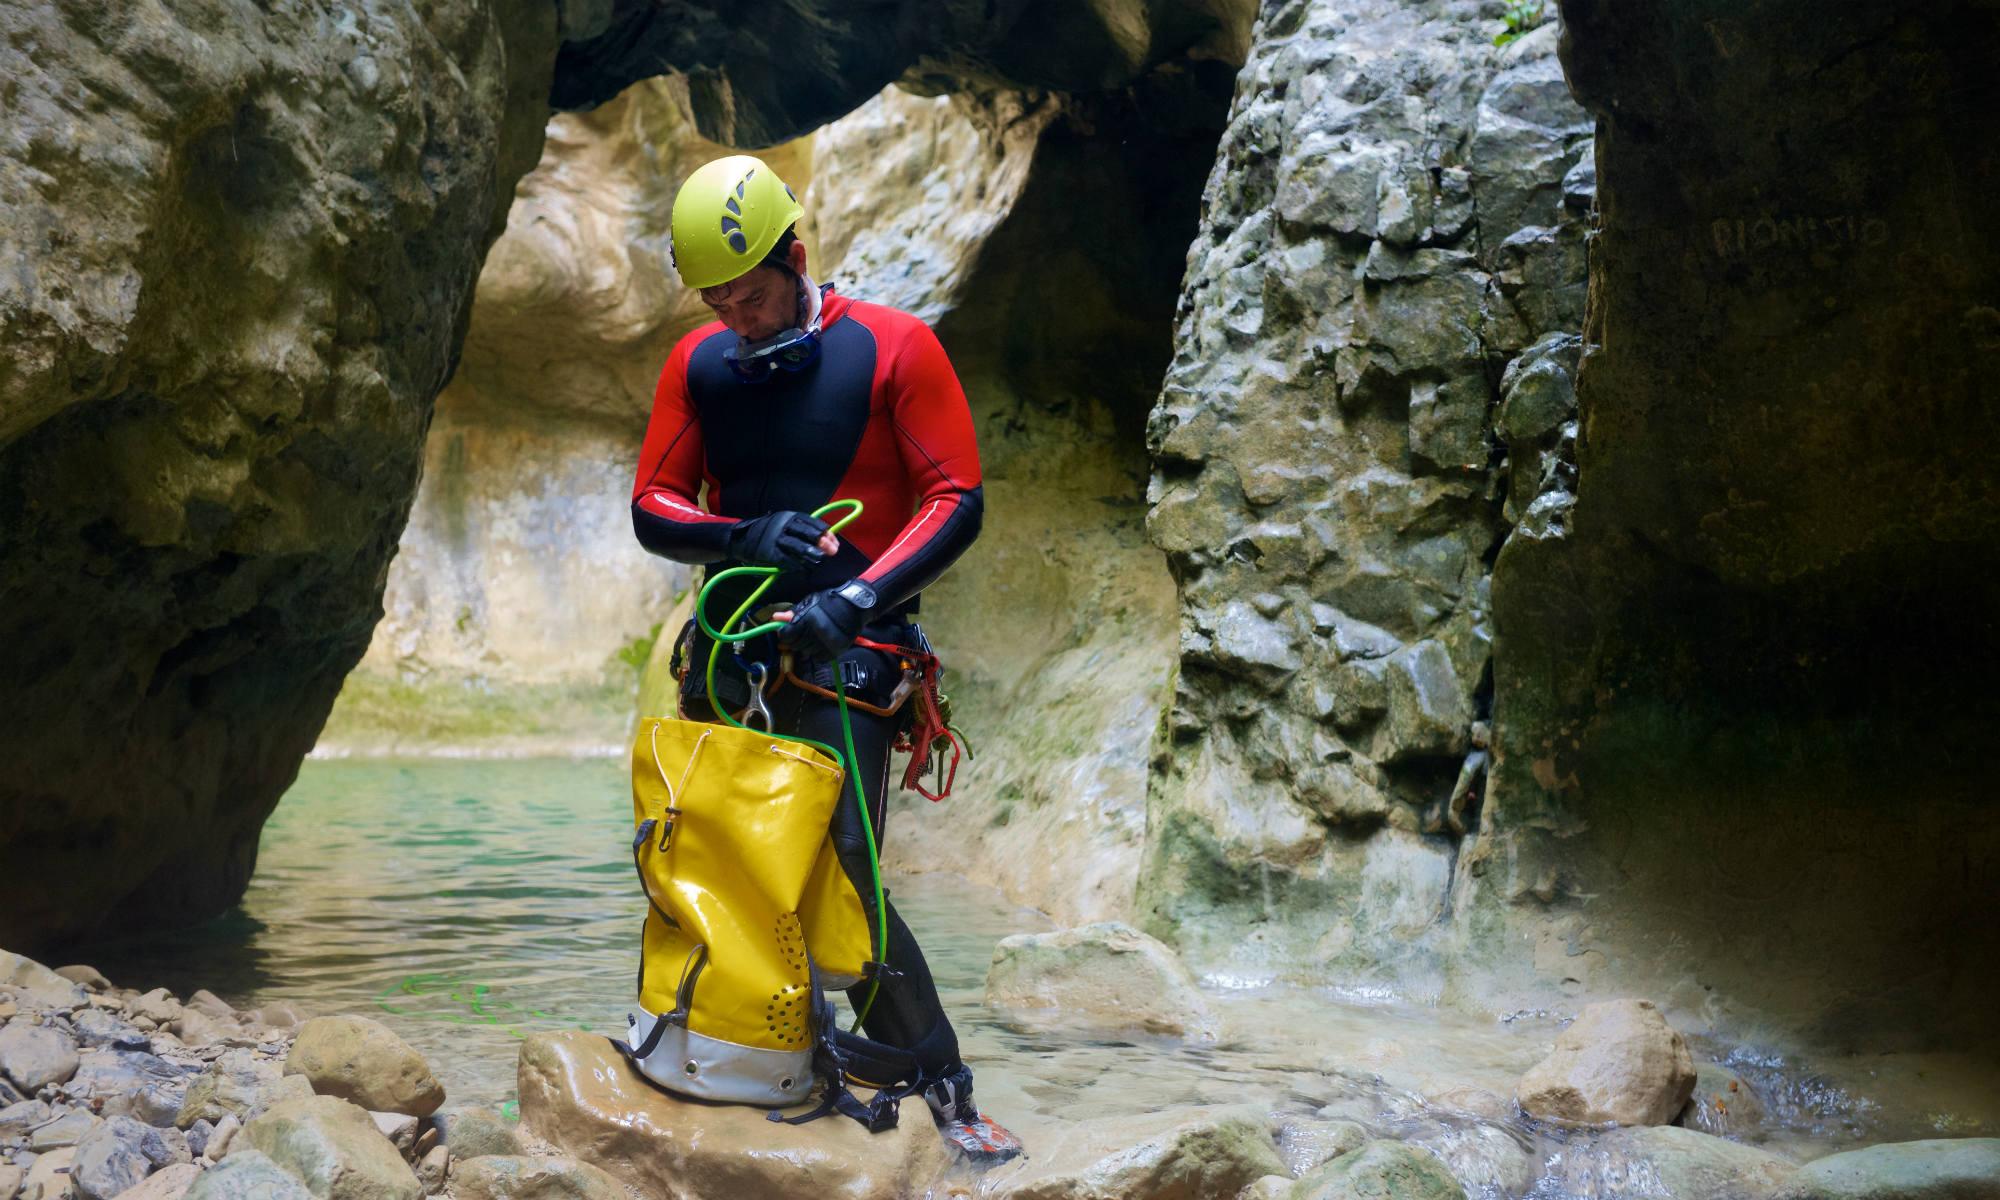 Dans un canyon, un canyoniste sort une corde de son sac à dos.